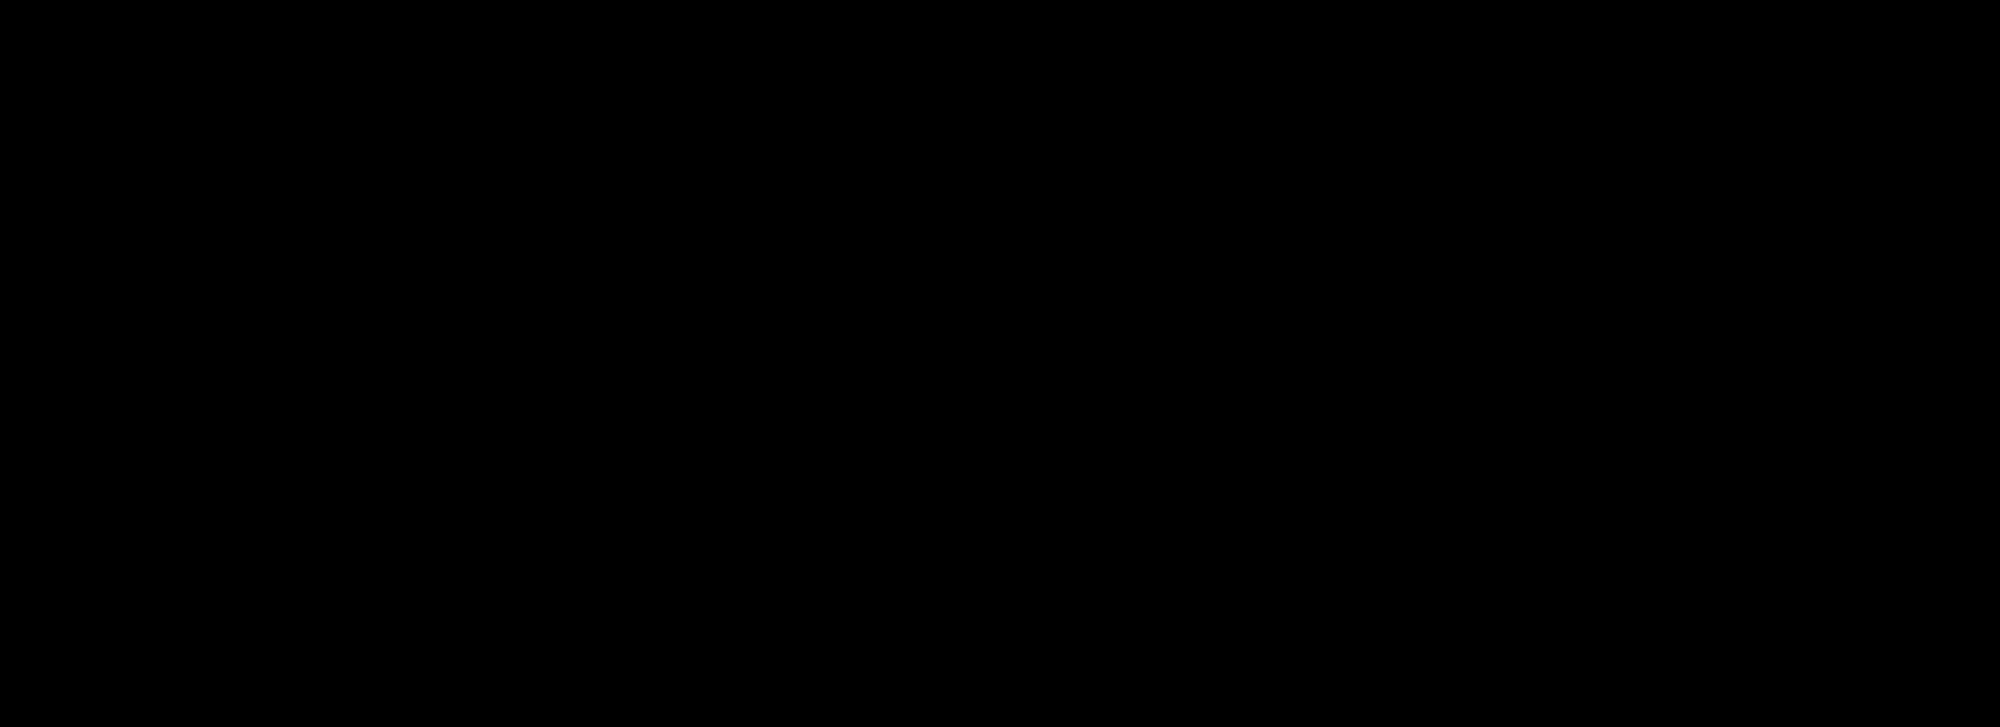 Microsoft PNG - 24867